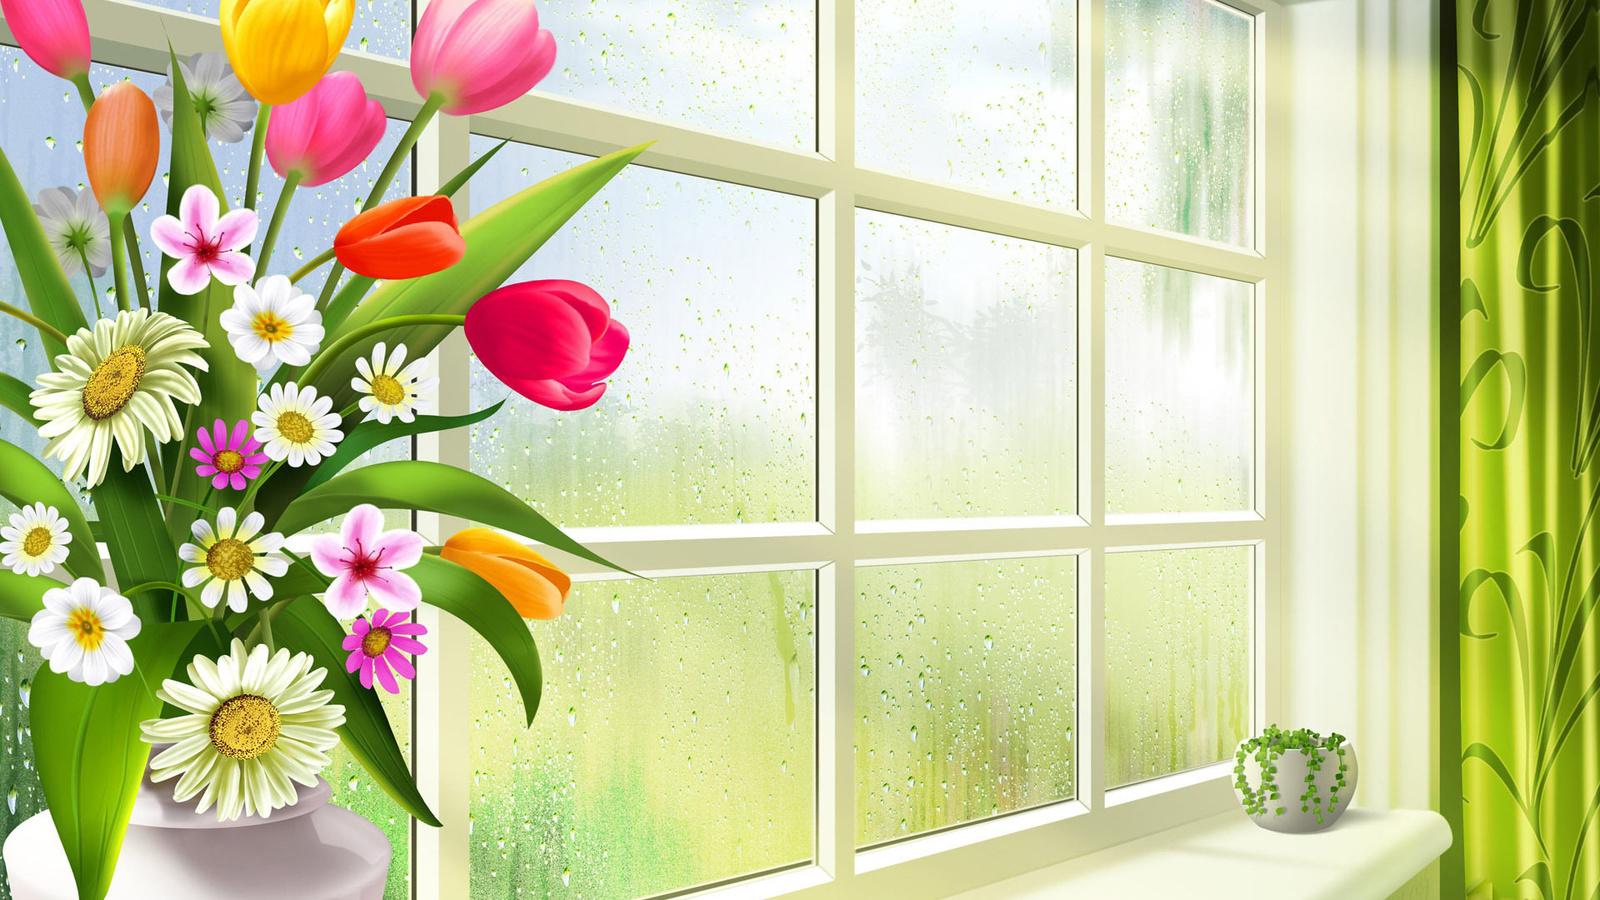 скопировать окно в картинках распространенным